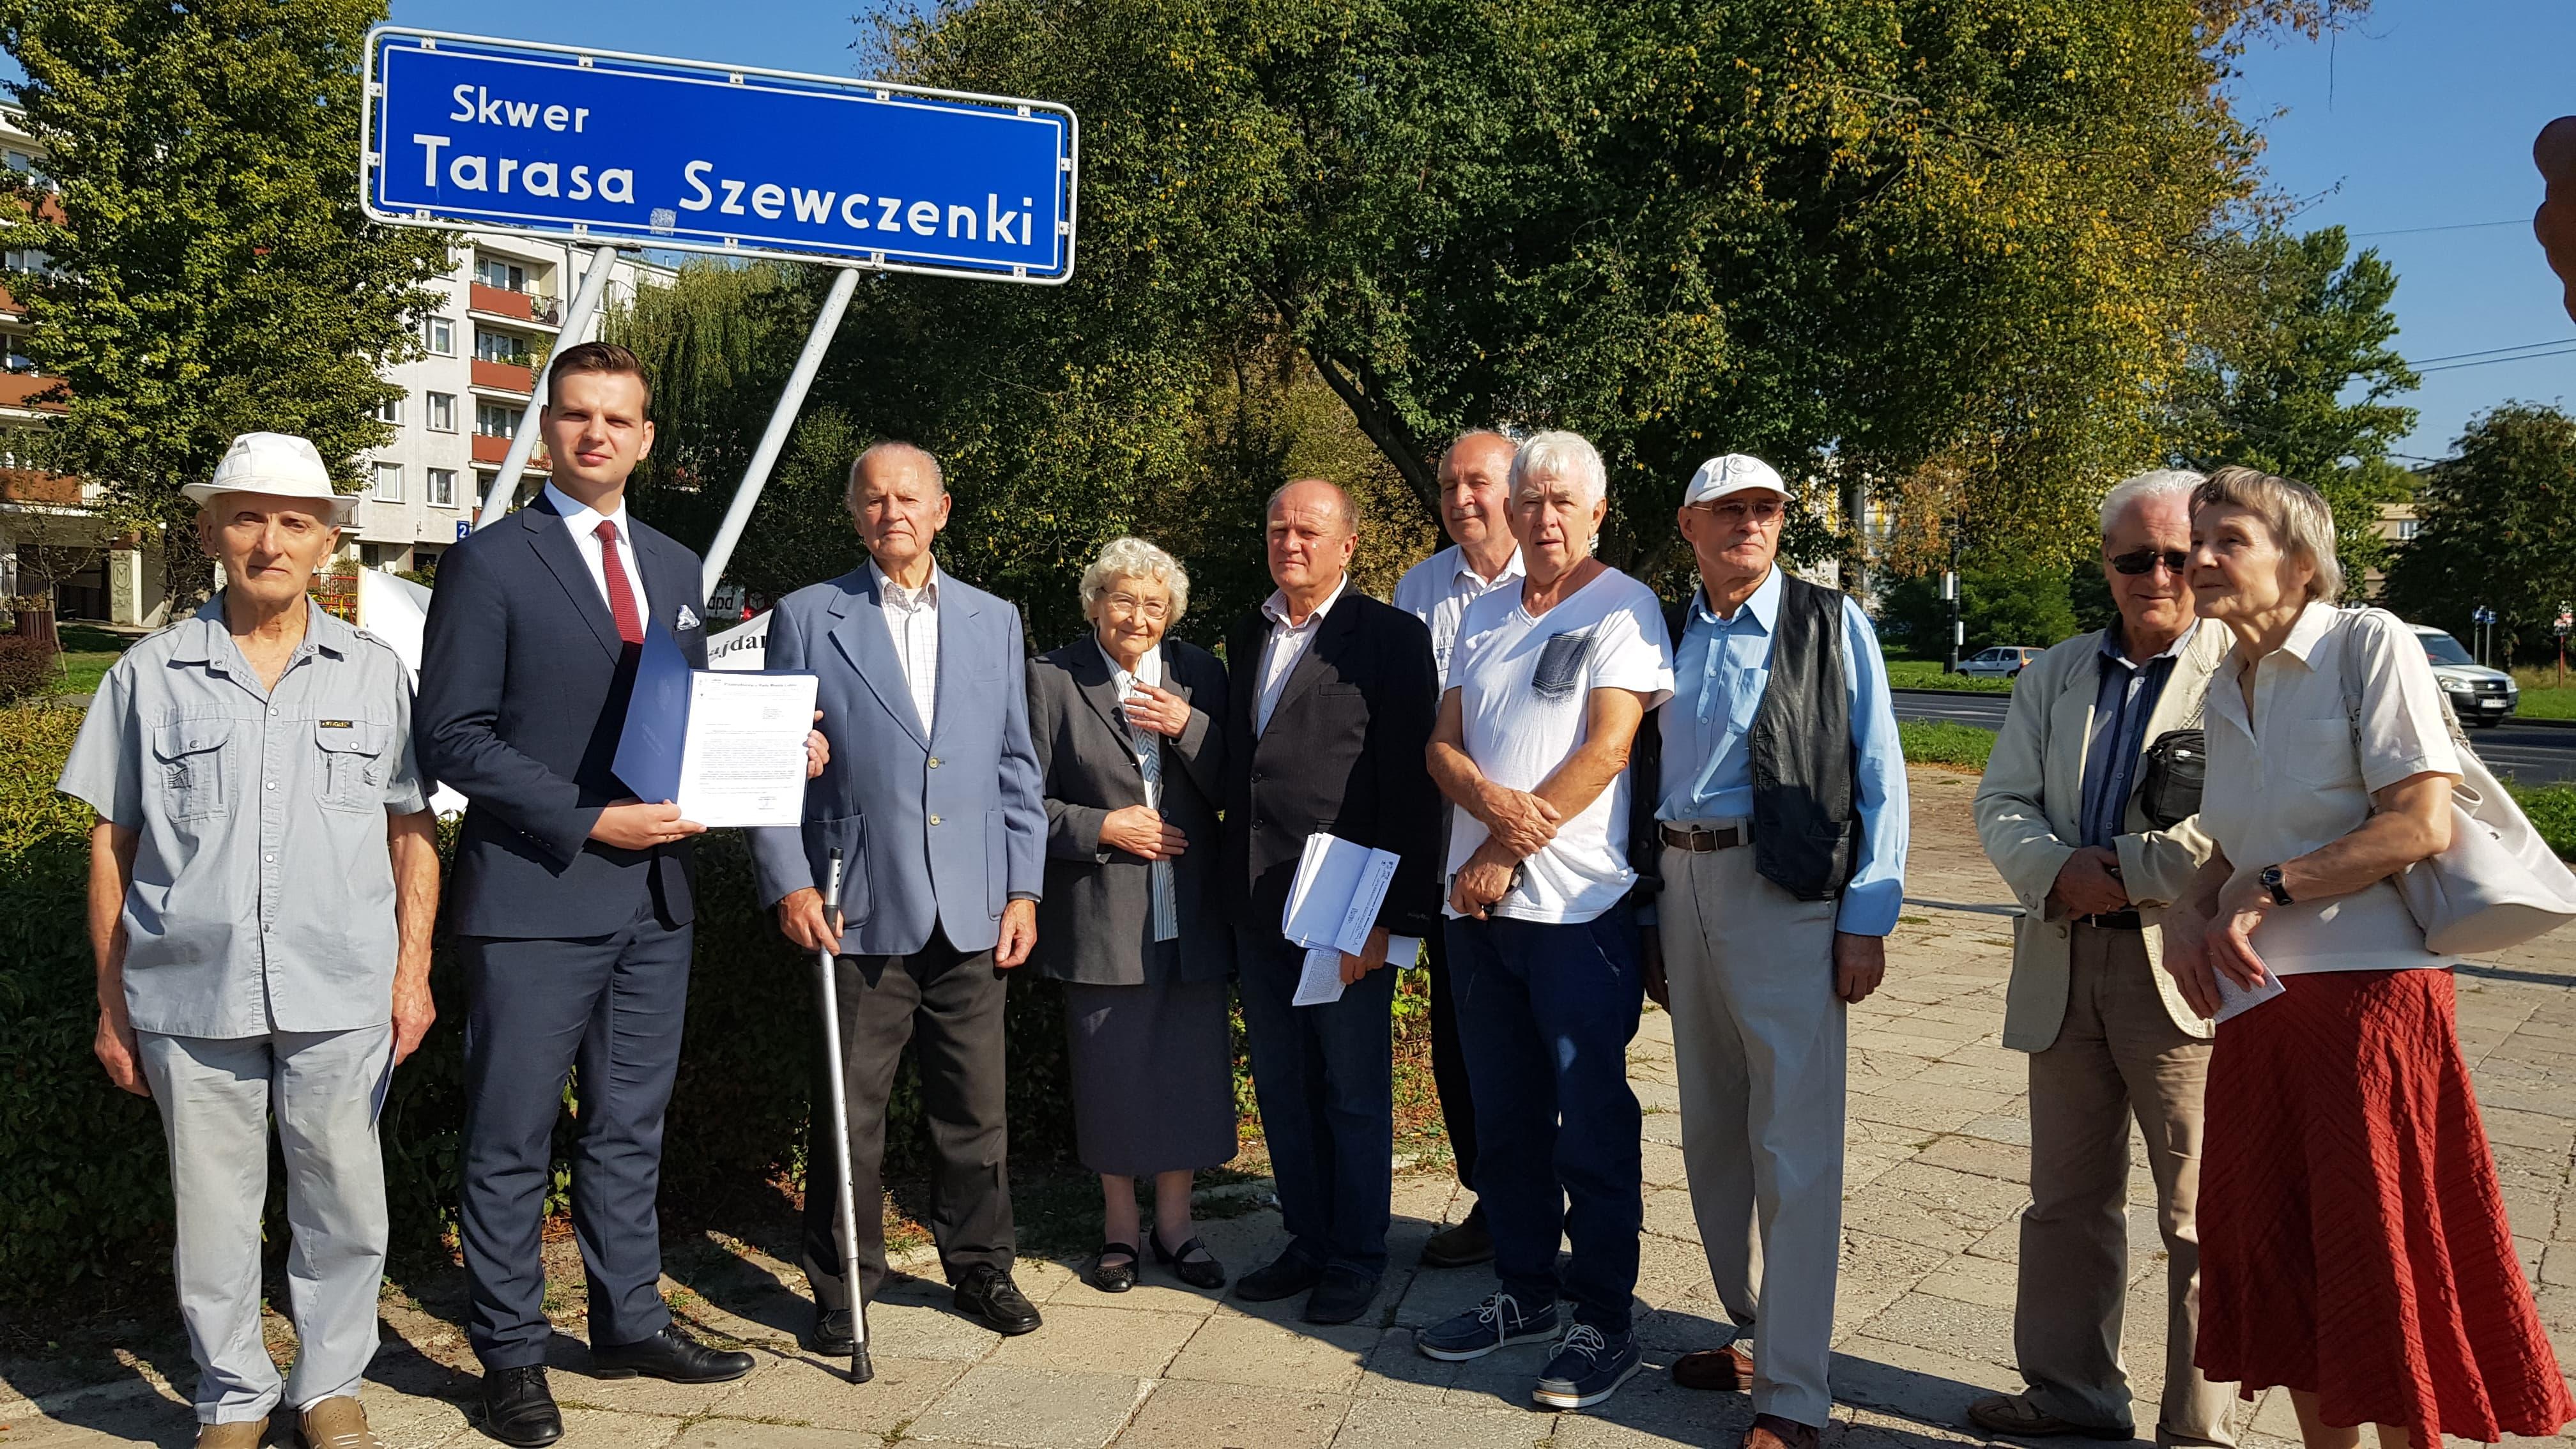 Skwer Tarasa Szewczenki budzi kontrowersje wśród niektórych mieszkańców